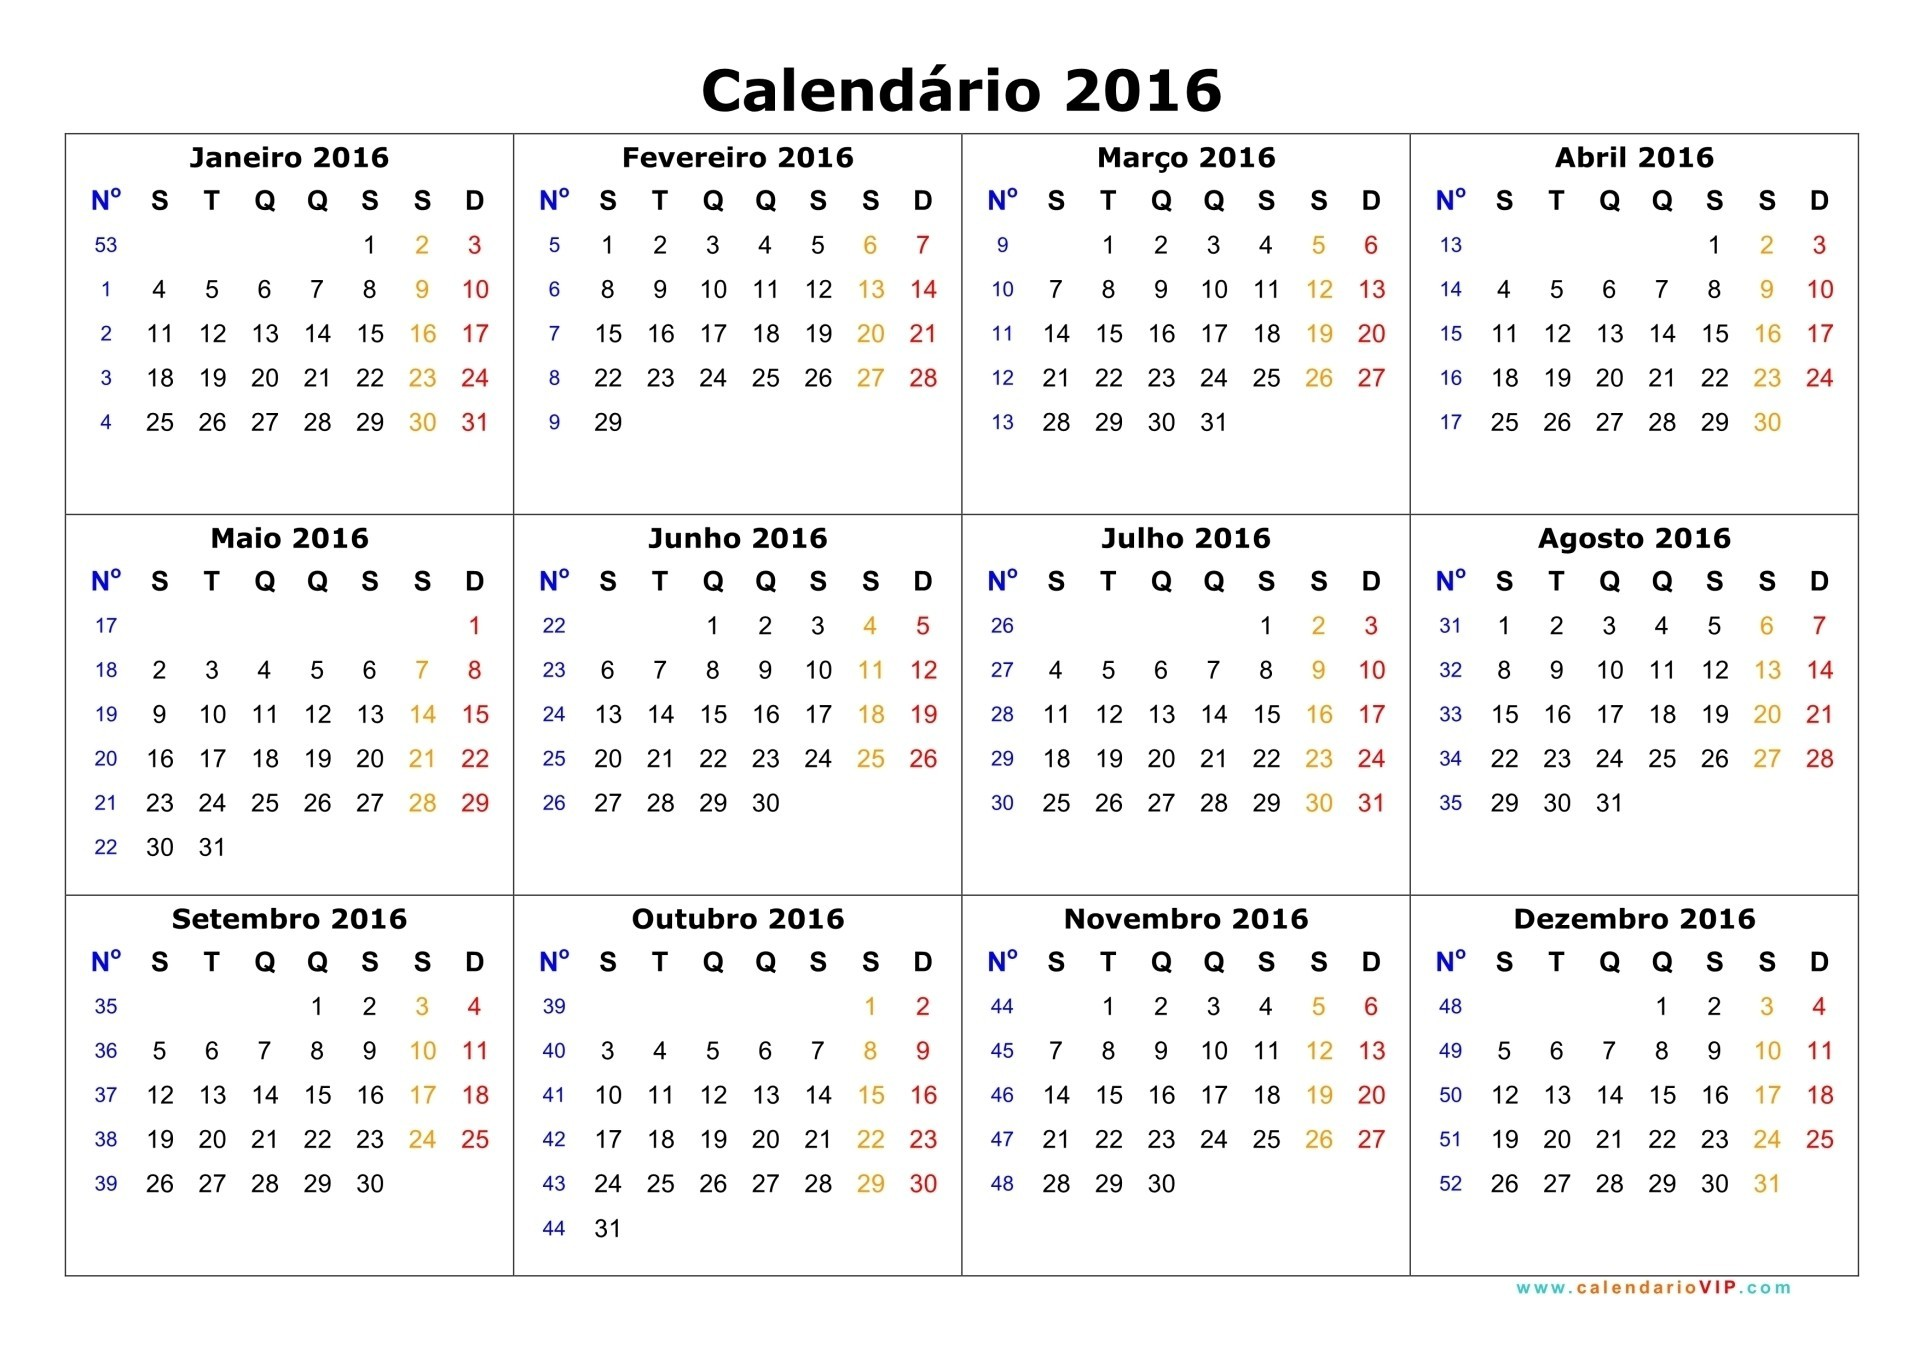 Calendarios 2016 02